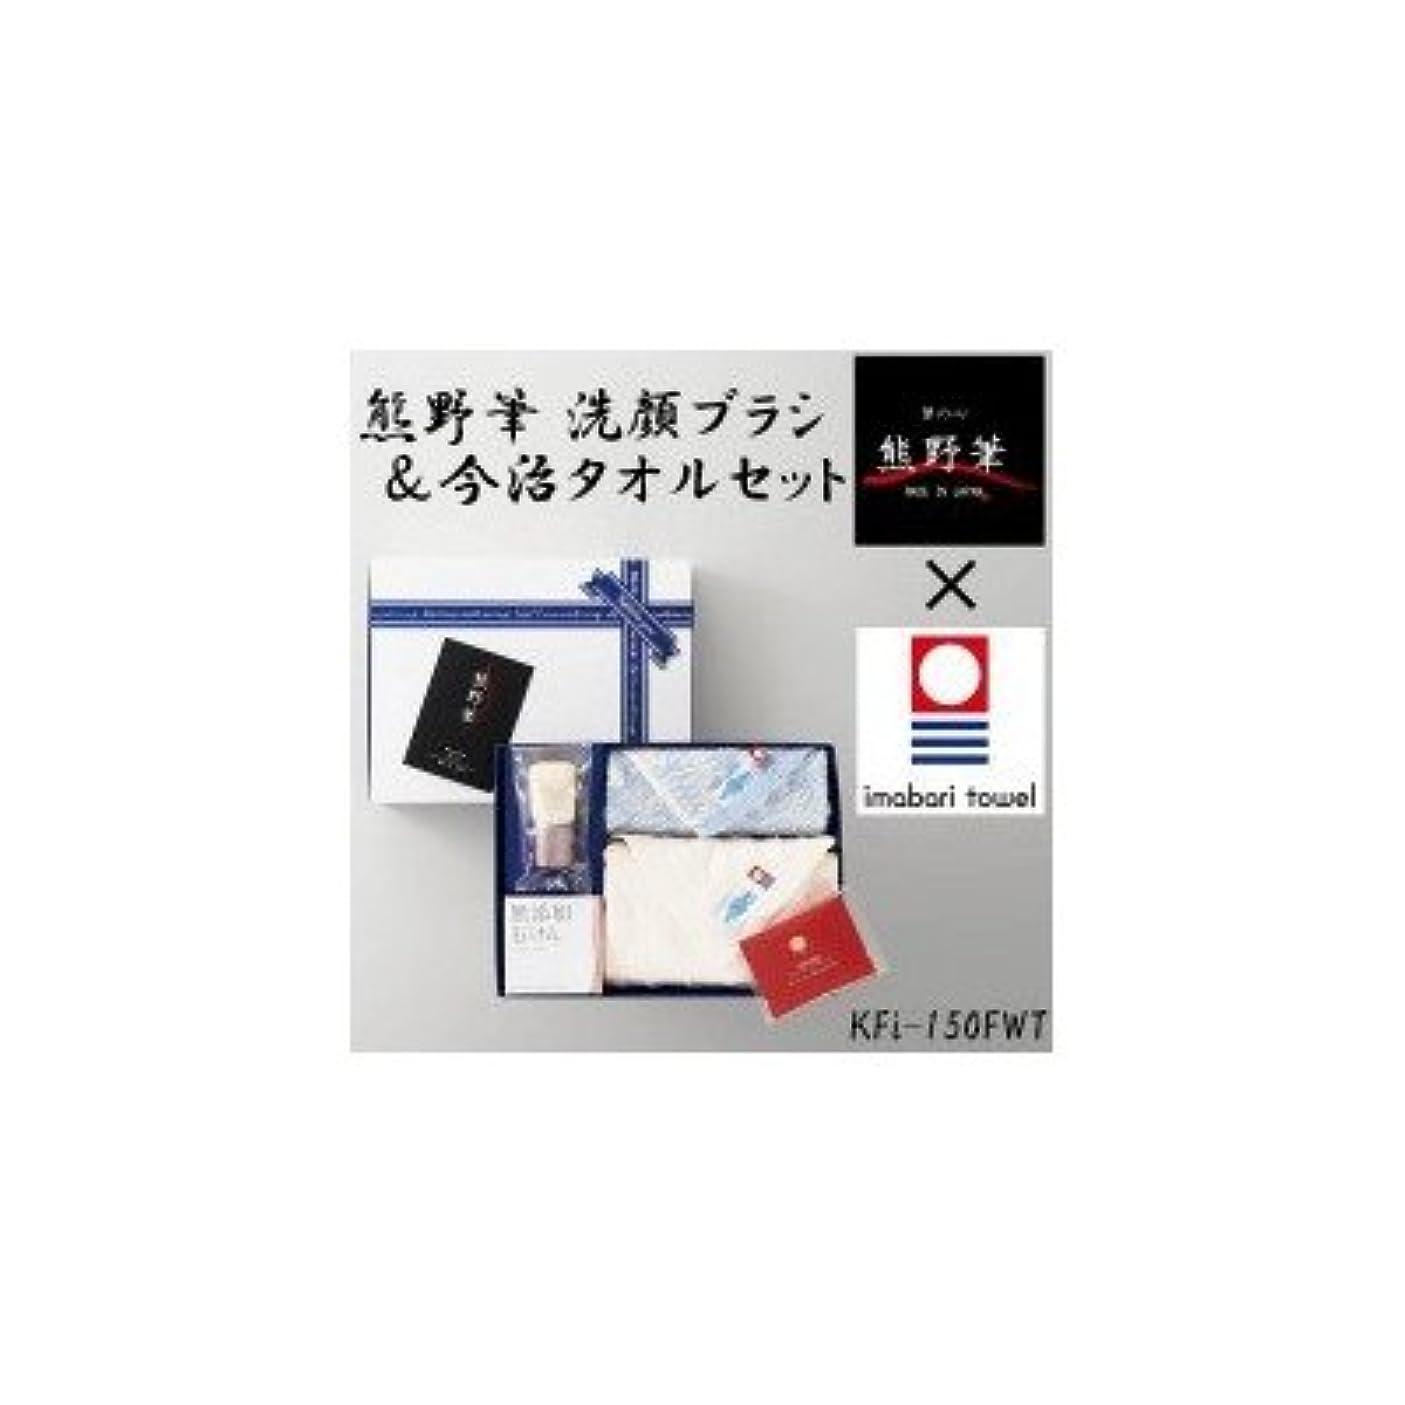 適合しました新着本を読む熊野筆と今治タオルのコラボレーション 熊野筆 洗顔ブラシ&今治タオルセット KFi-150FWT